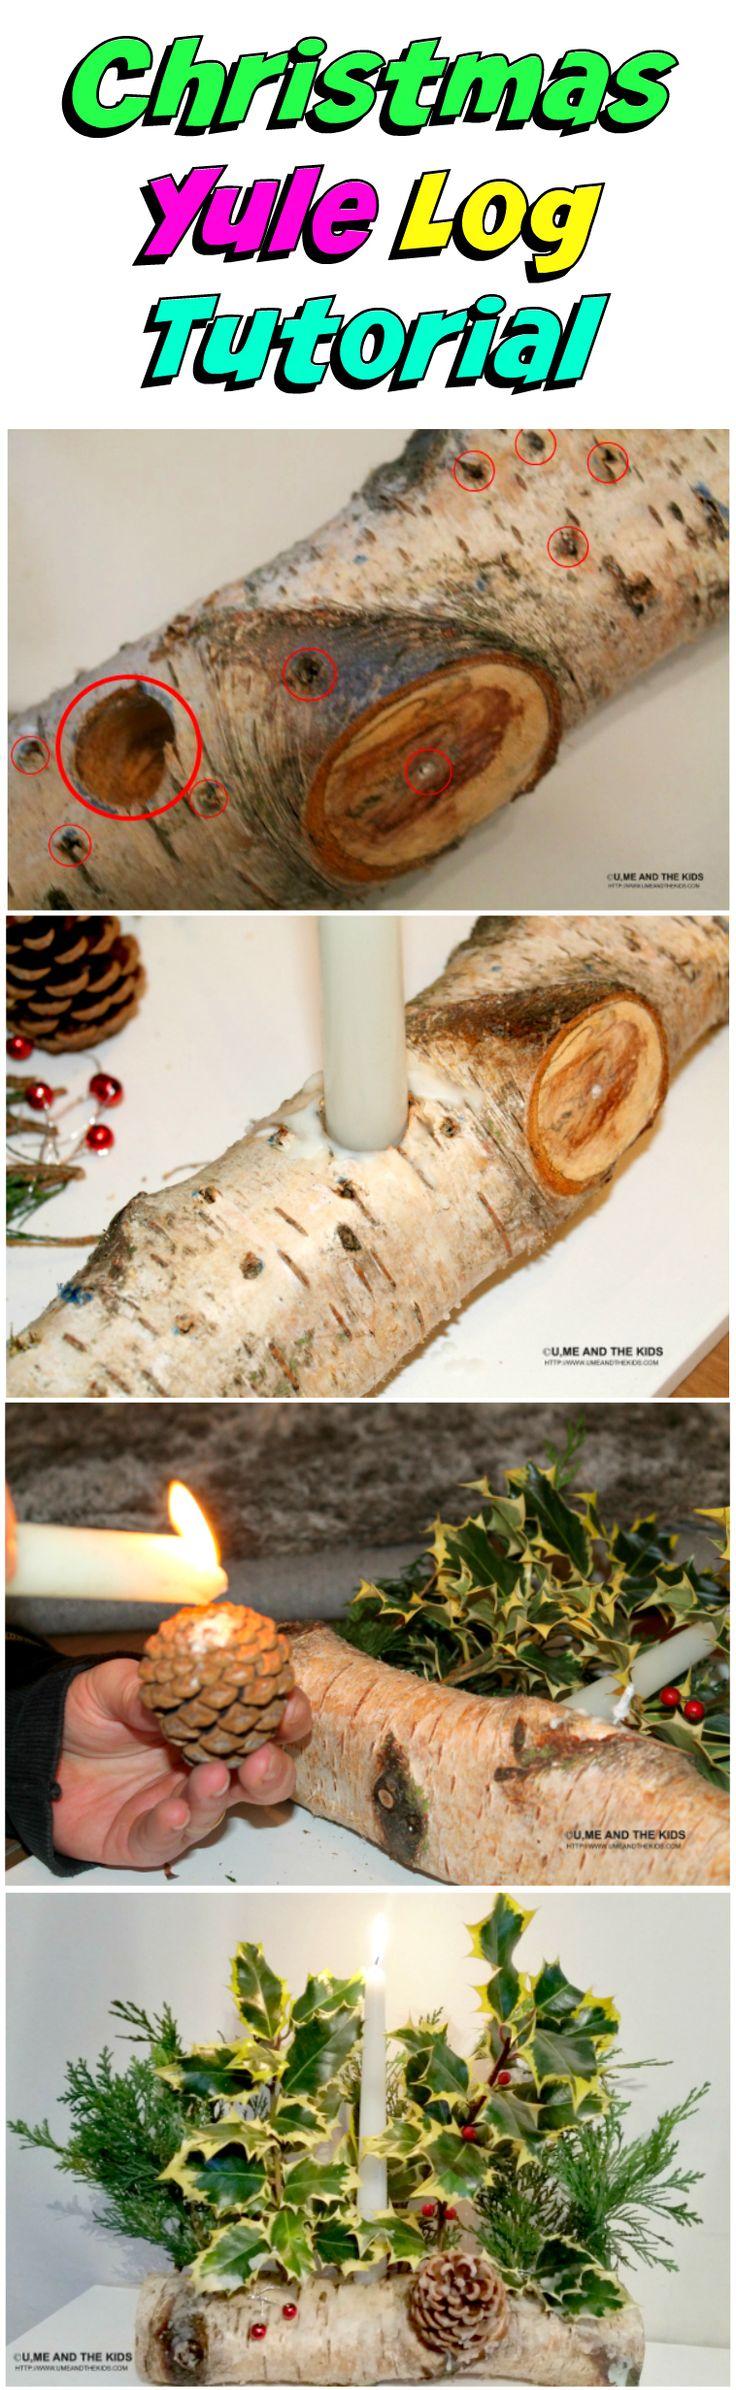 Make Yule Crafts